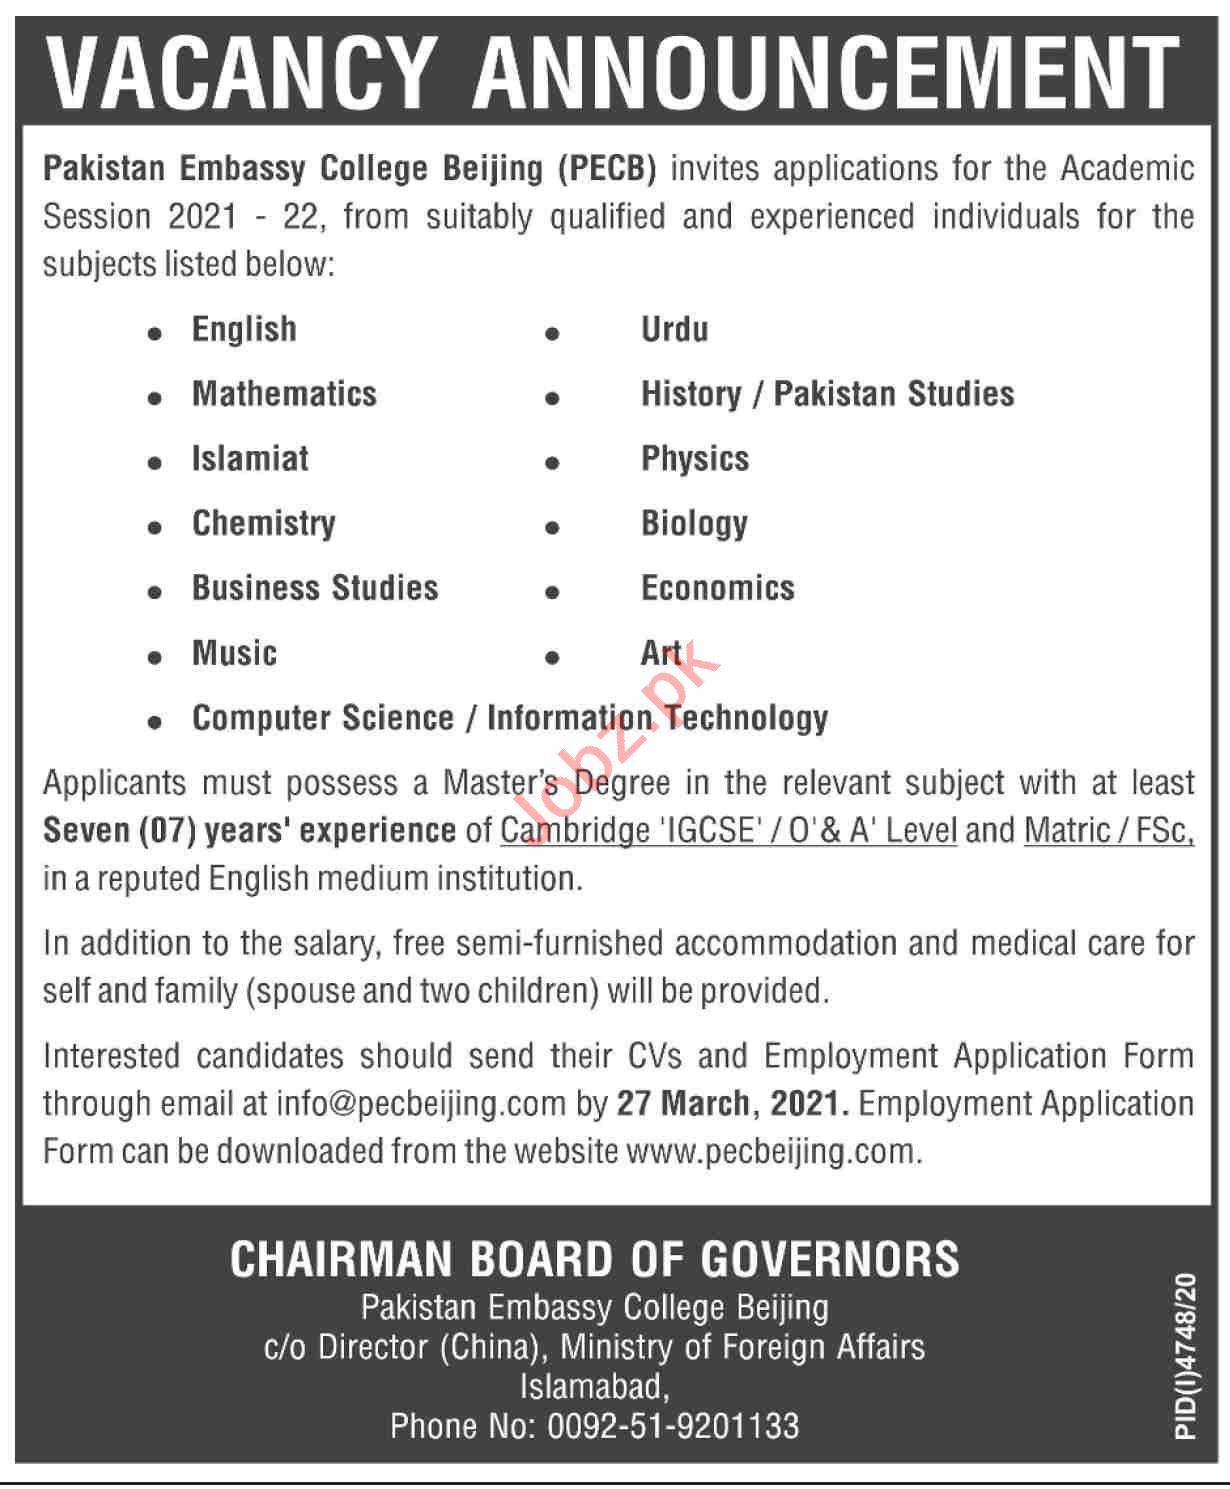 Pakistan Embassy College Beijing PECB Jobs 2021 for Teachers